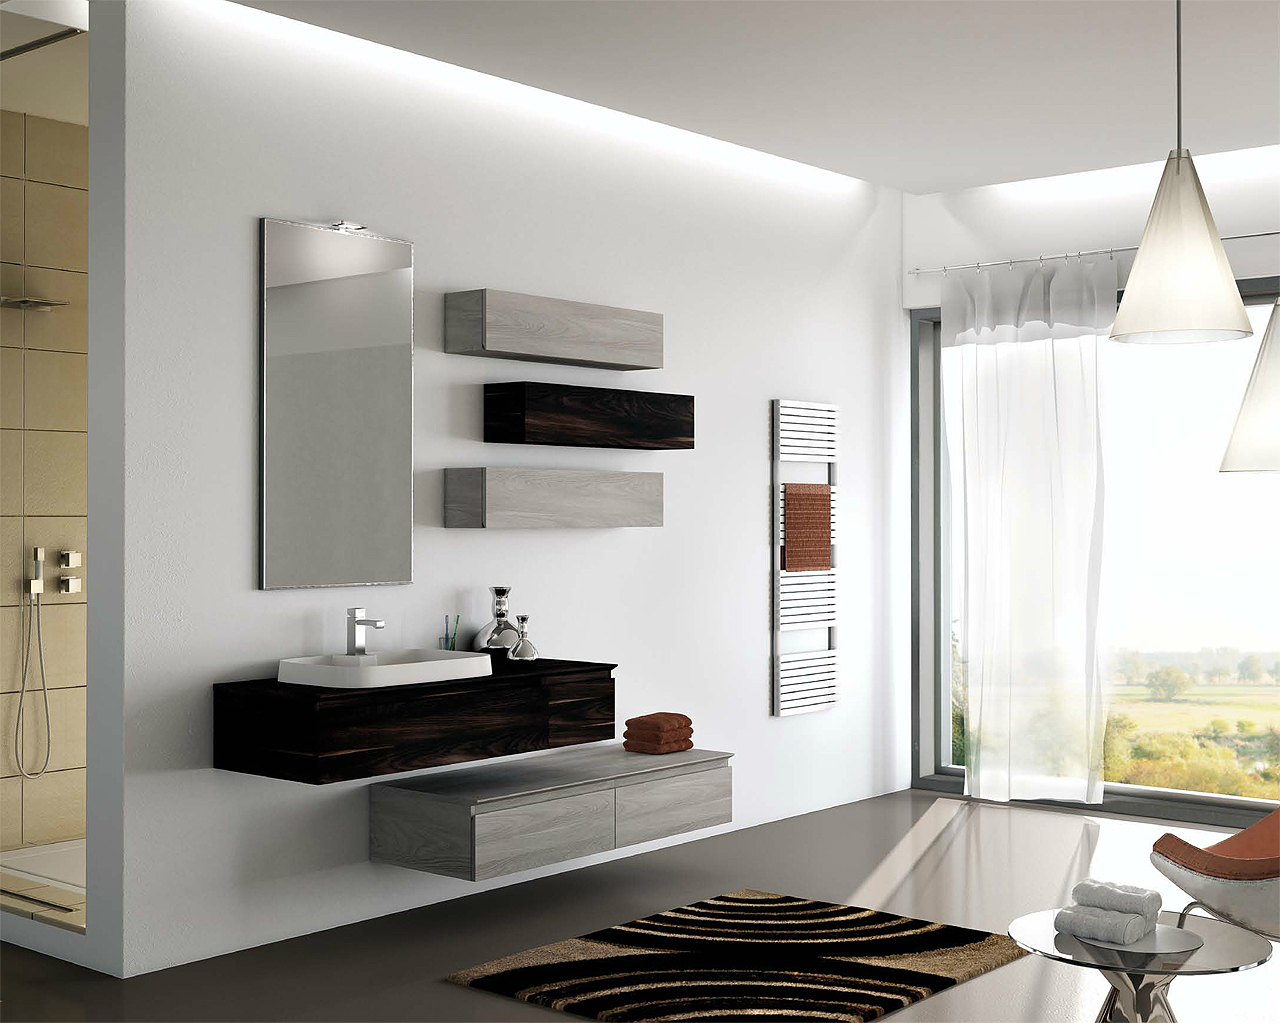 Prodotti sintesibagno i prodotti per il bagno for Mobili di bagno